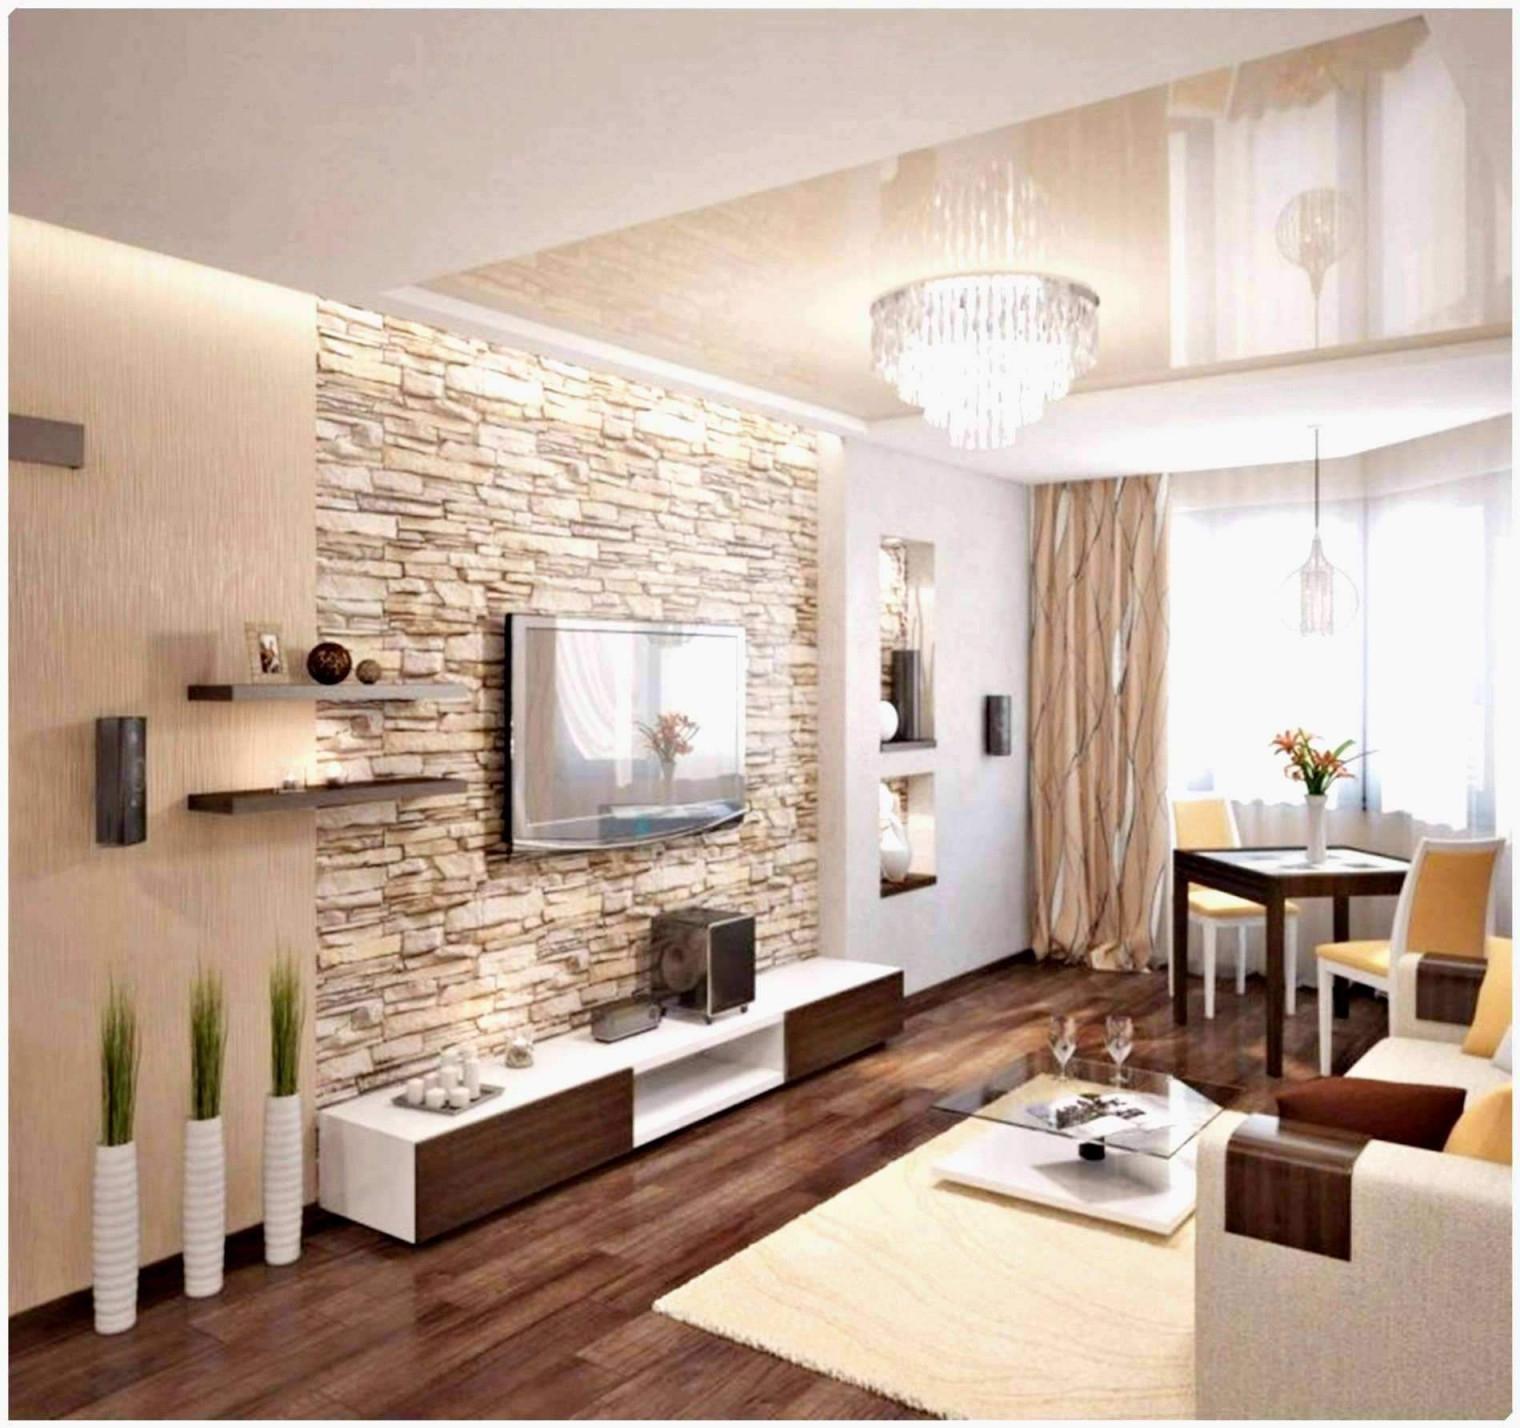 Moderne Tapeten Für Wohnzimmer Frisch 53 Schön Tapeten Für von Schöne Wohnzimmer Tapeten Bild